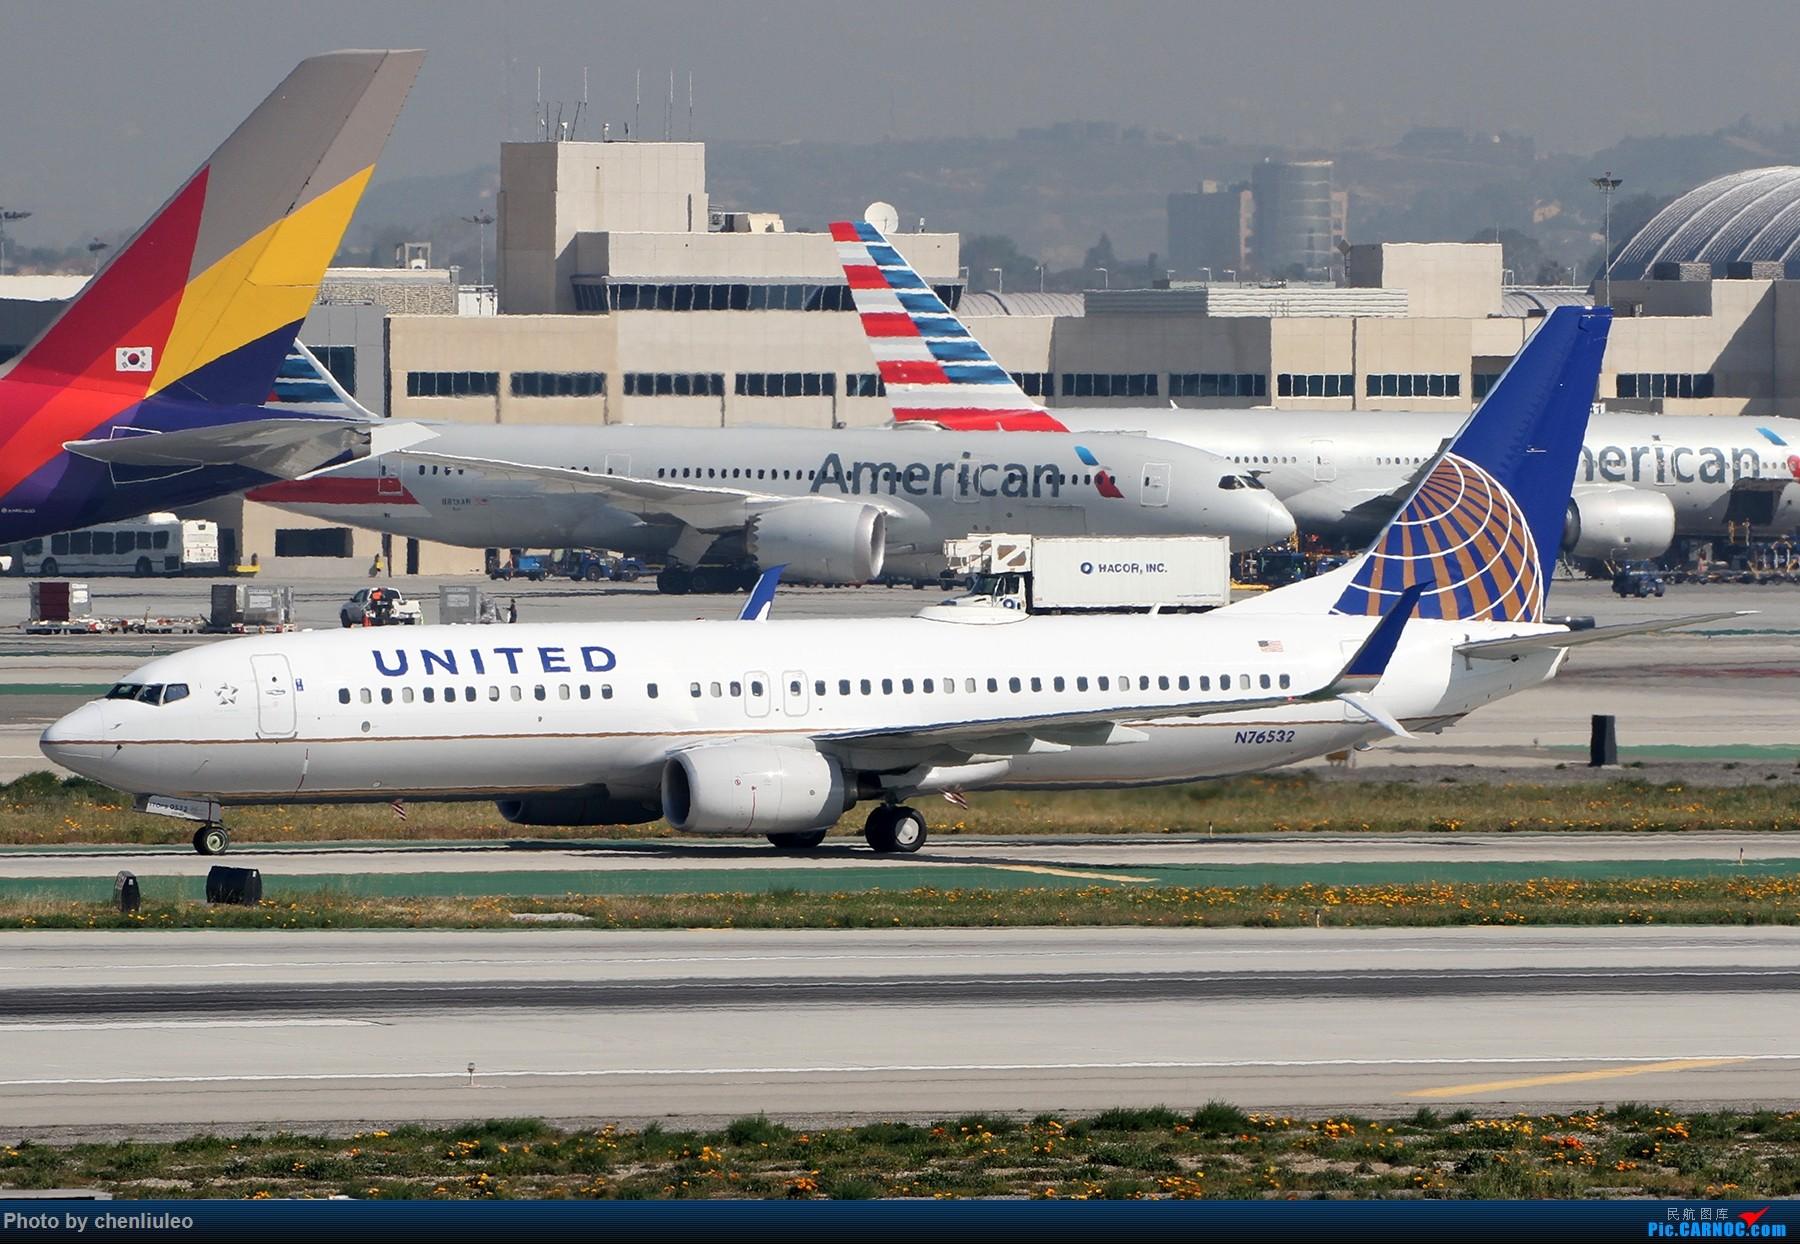 Re:[原创]【北美飞友会】全日空星球大战BB-8黄昏中降落LAX 以及一些杂图 BOEING 737-800 N76532 美国洛杉矶机场